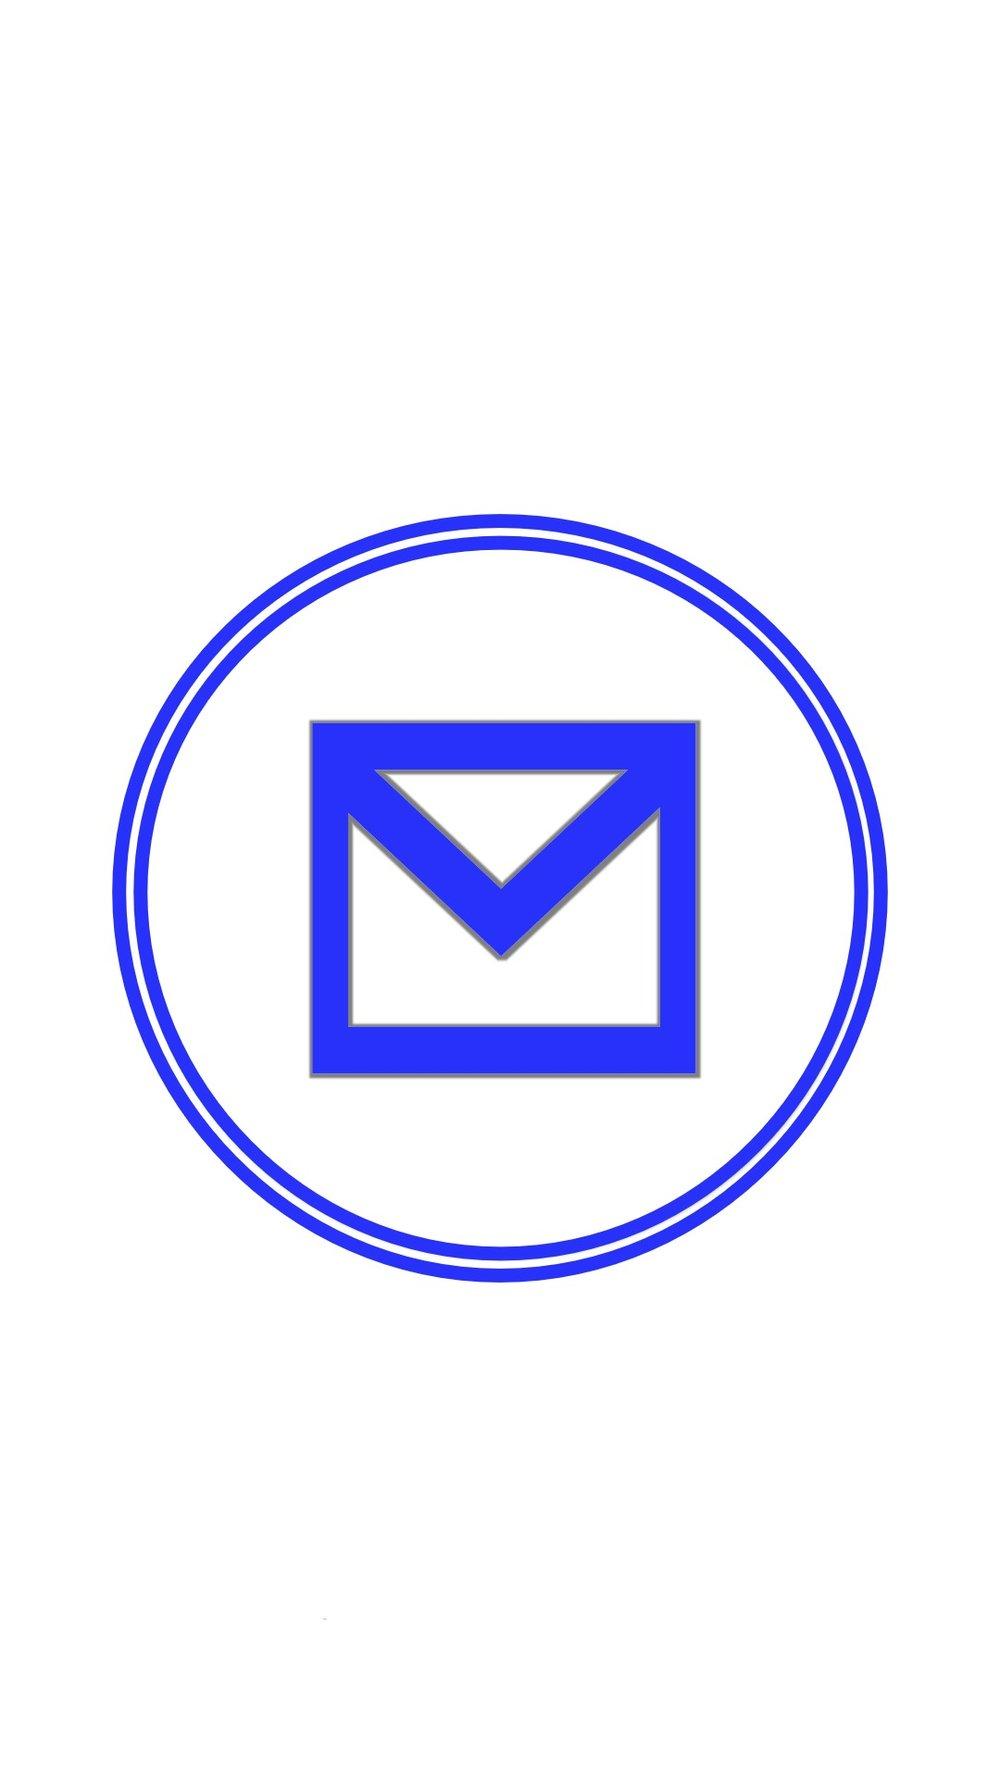 Instagram-cover-envelope-bluewhite.jpg